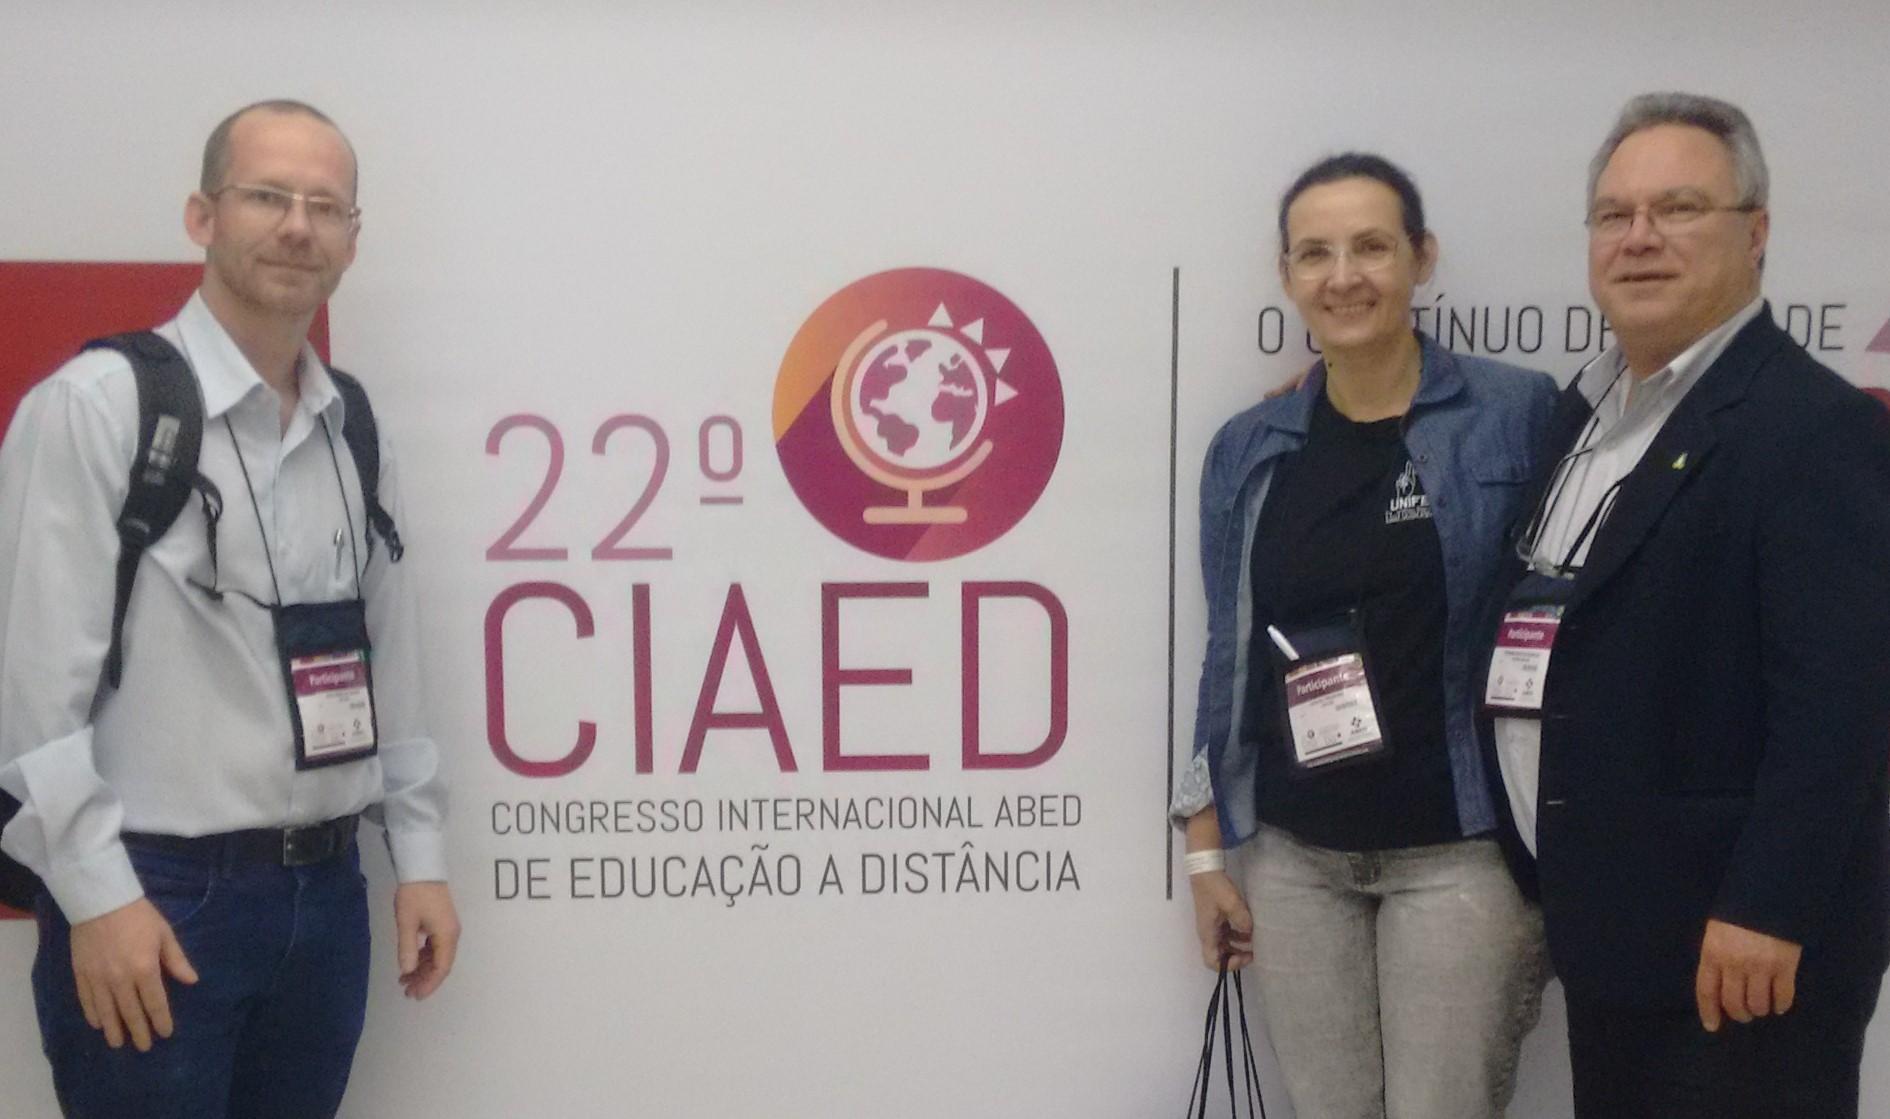 Professores participam de congresso internacional de Educação a Distância